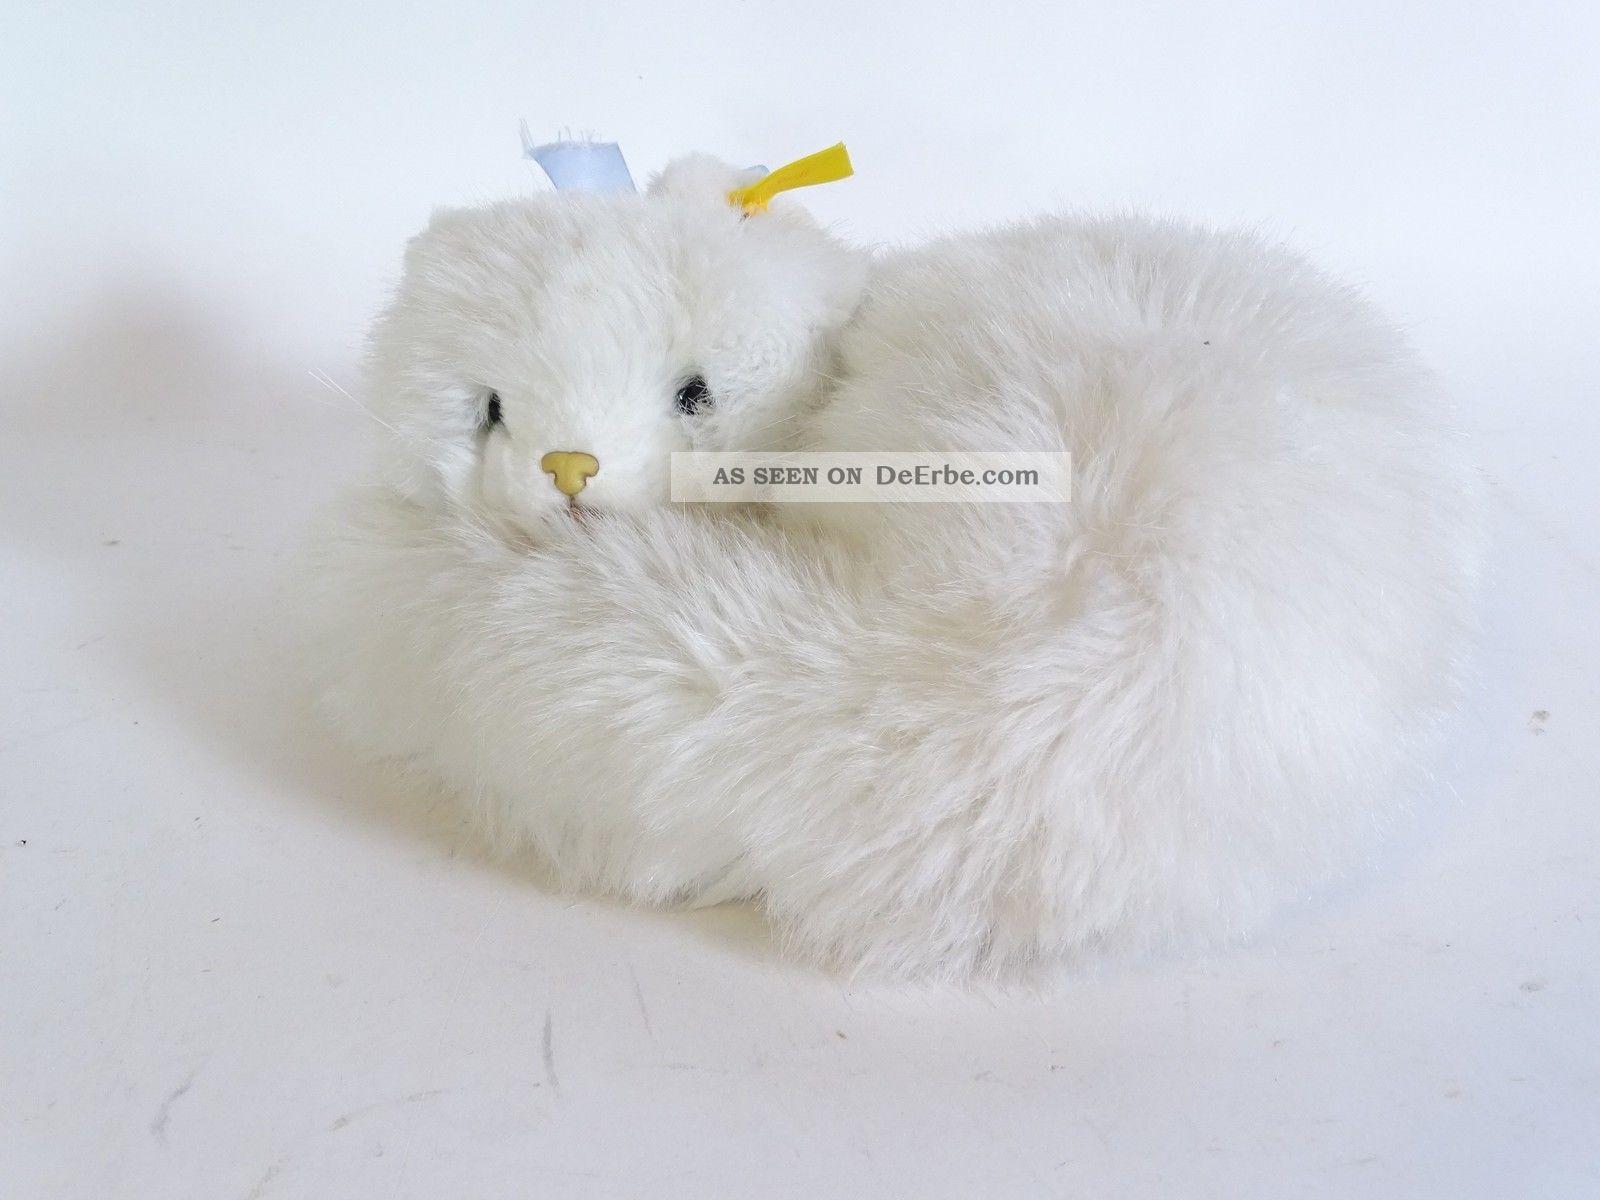 Steiff Katze Liegend Weisses Fell Mit Knopf Und Fahne Tiere Bild